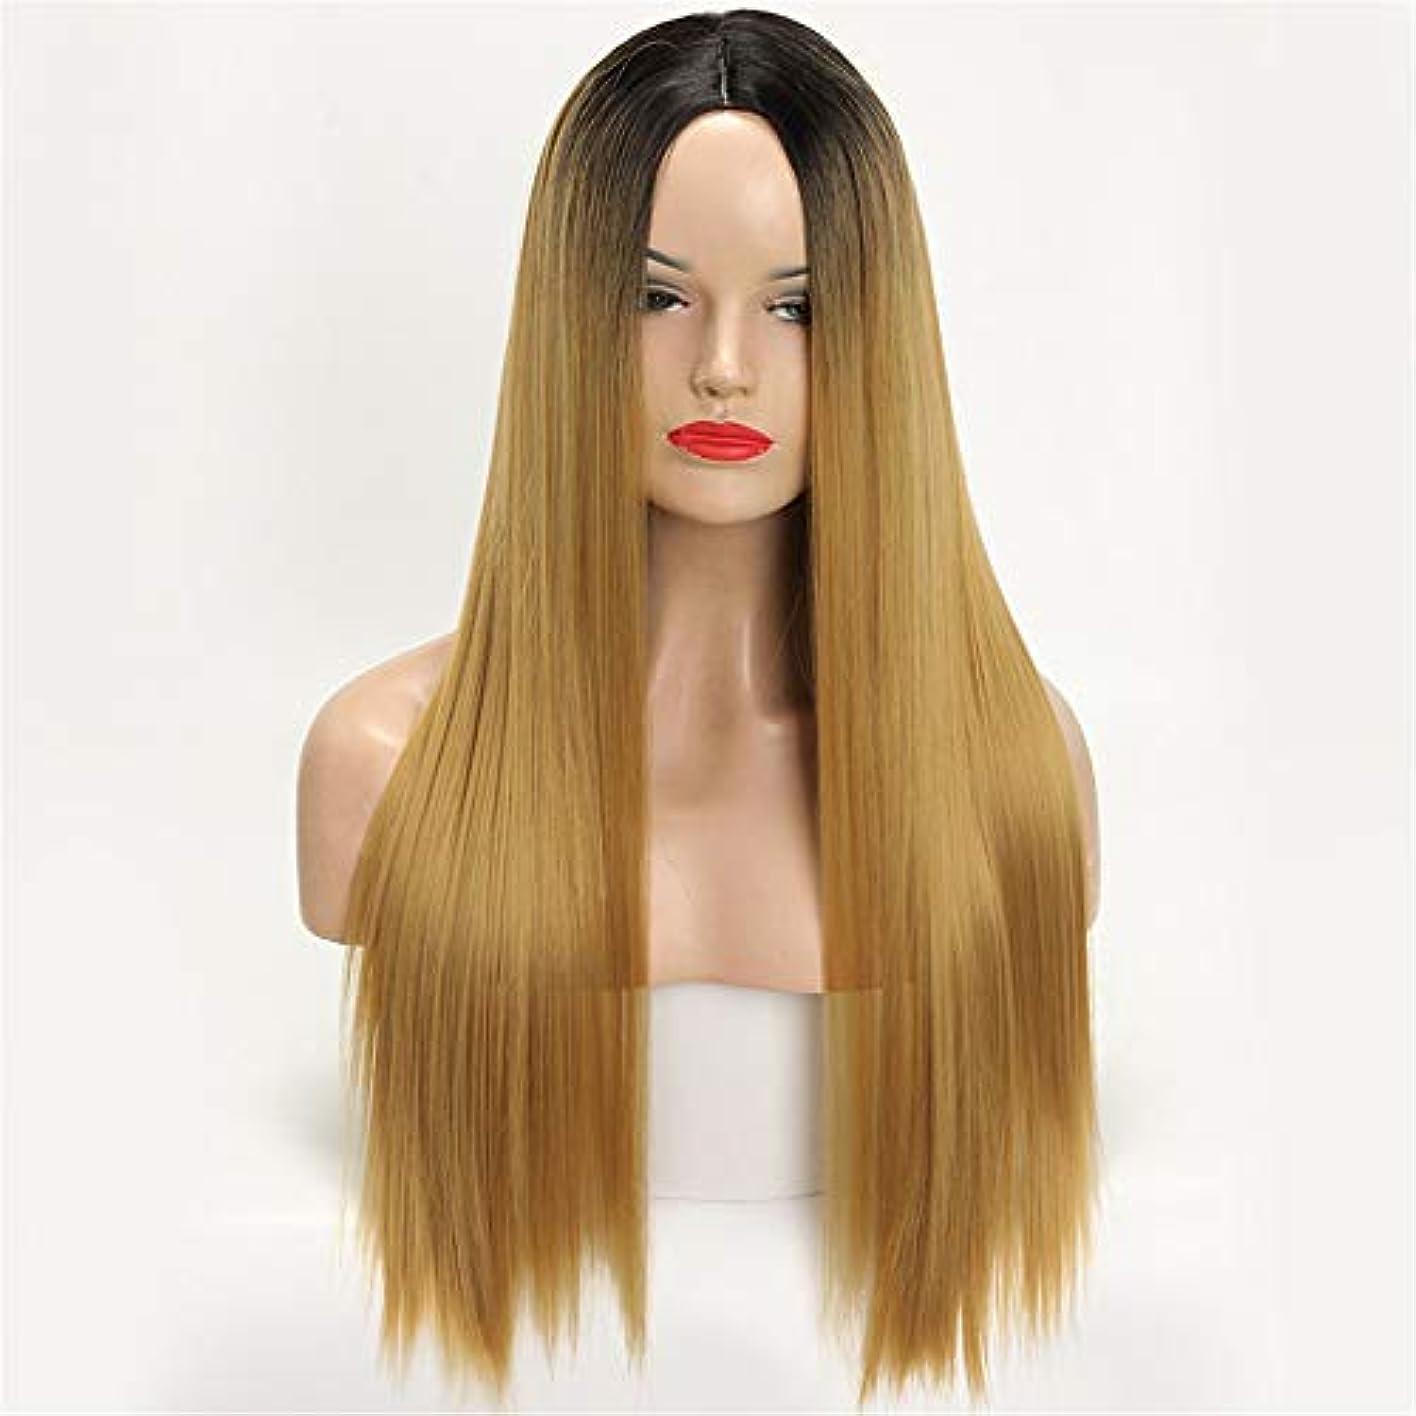 辞書植木する必要があるかつらロングストレートヘア女性勾配化学繊維フードオンブルブラックブロンドロングストレート高温合成繊維ウィッグ女性用ウィッグ30インチ